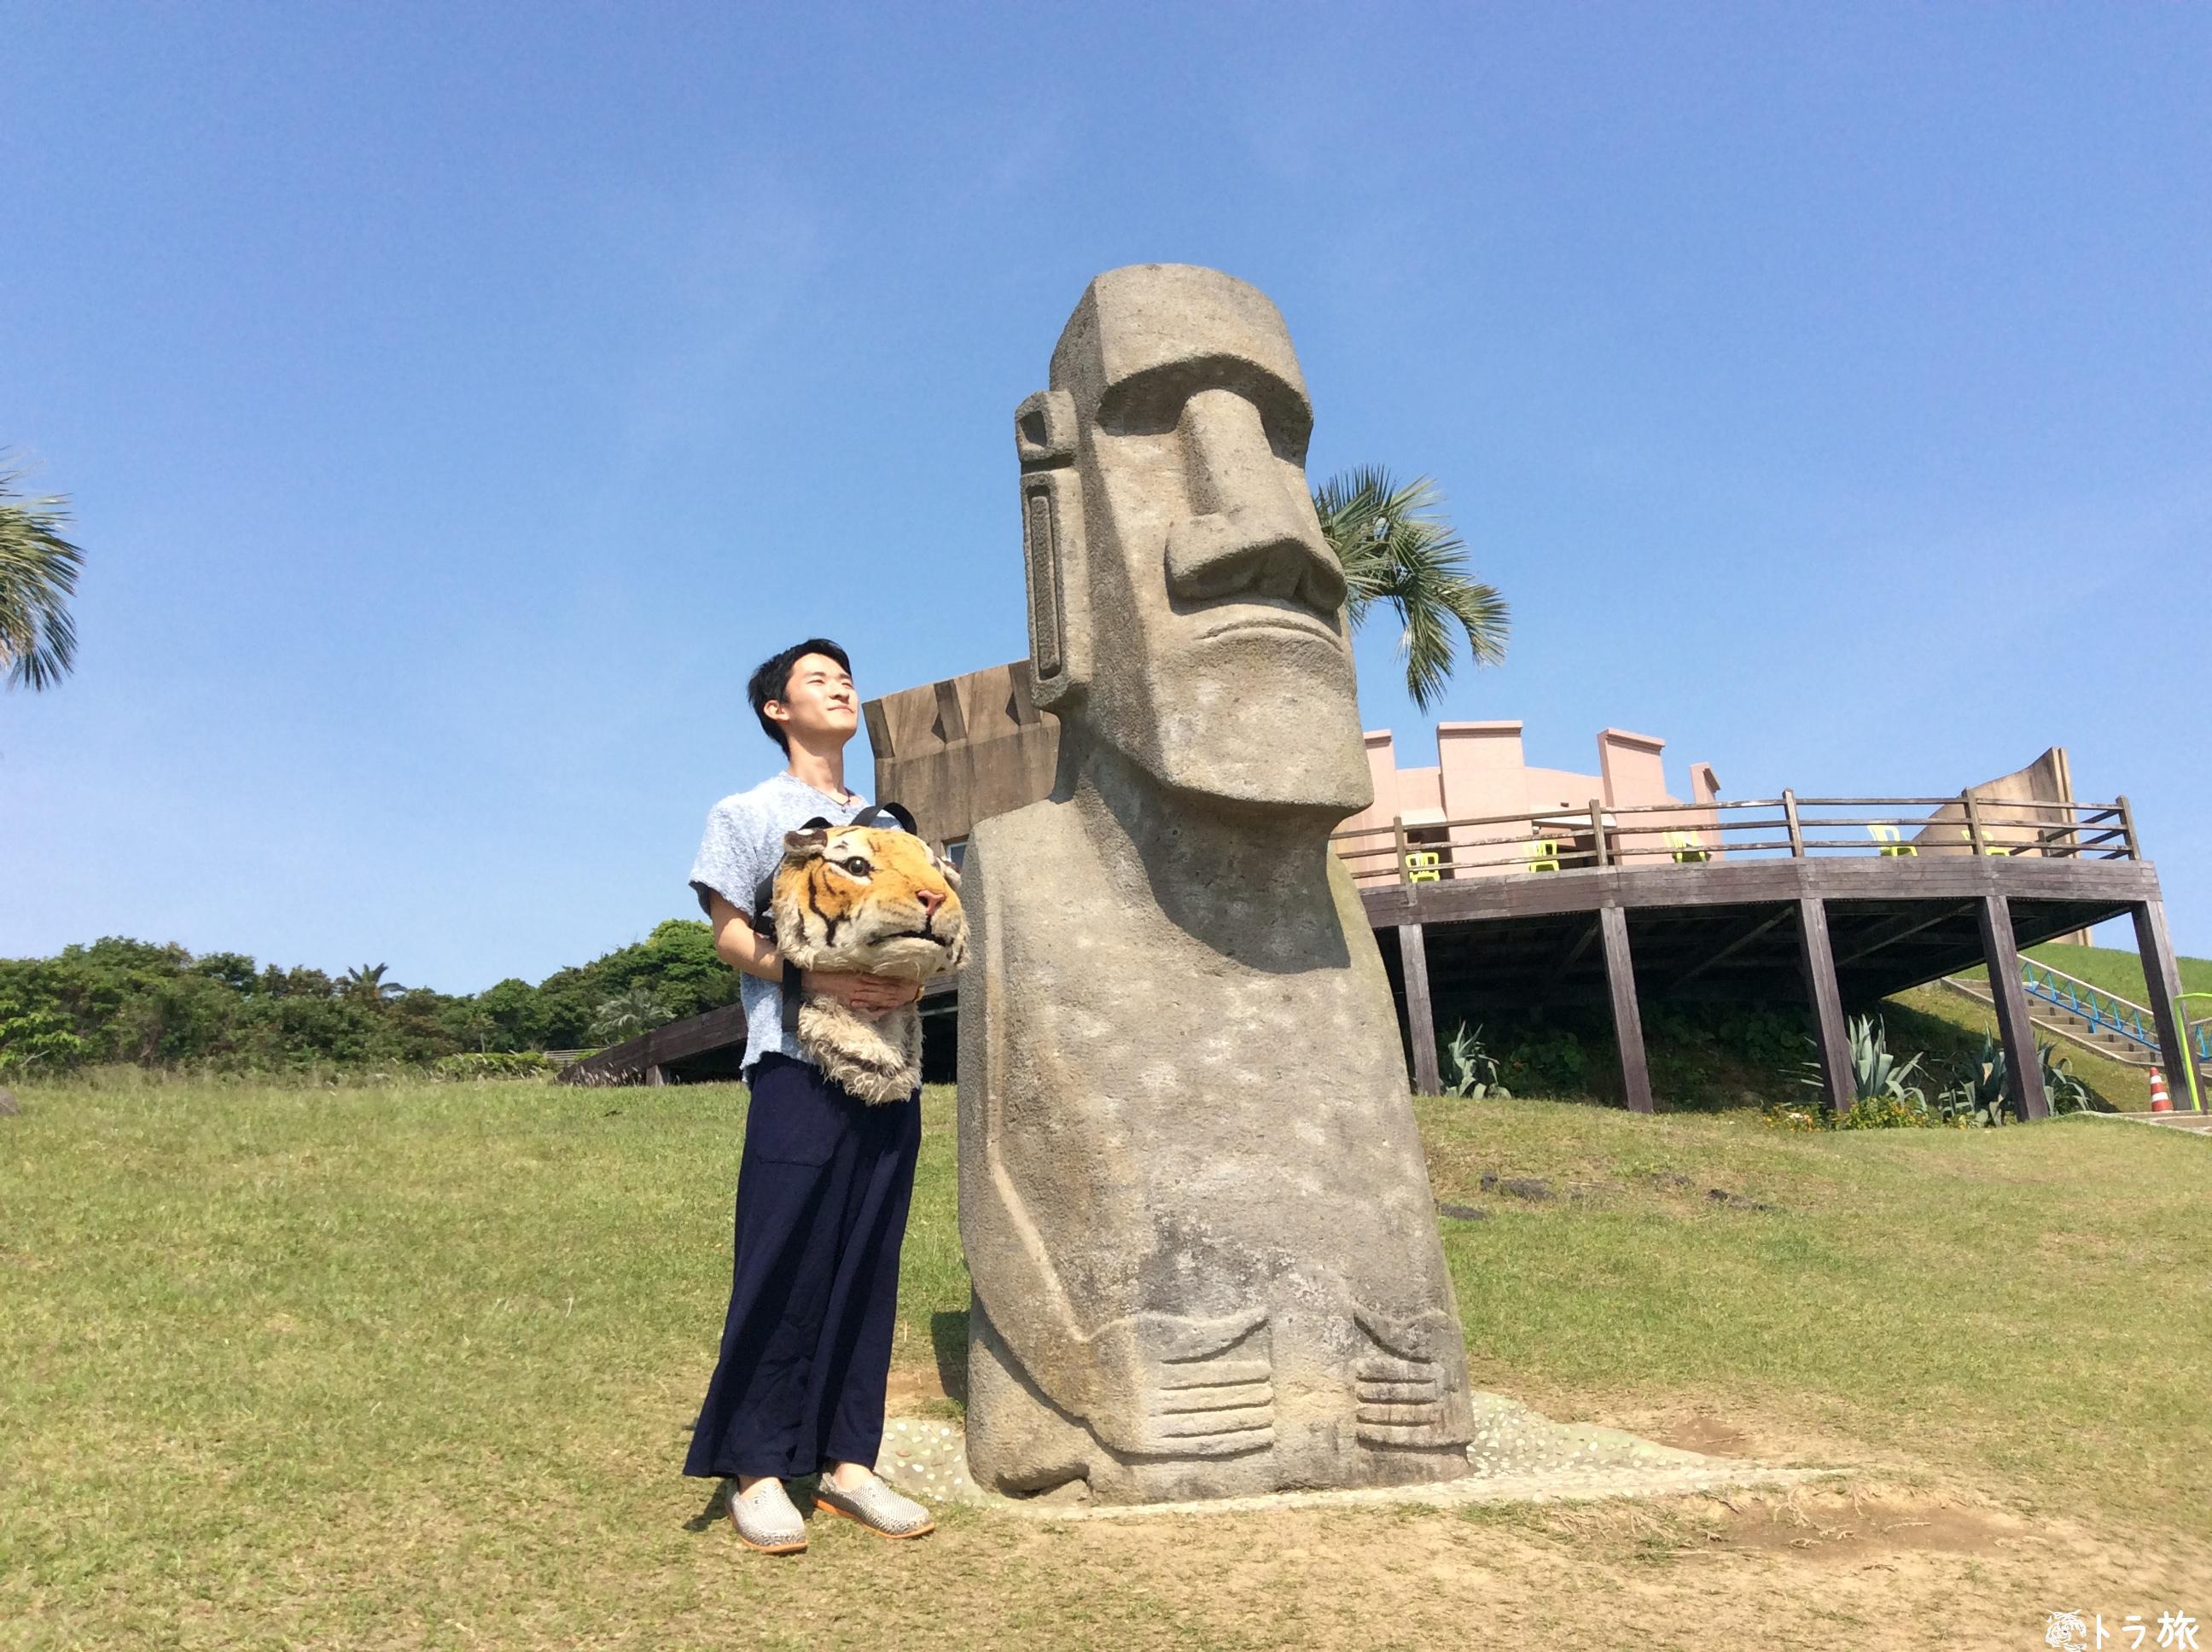 宮崎でモアイに会える⁉︎世界で唯一モアイの復元が認められたサンメッセ日南